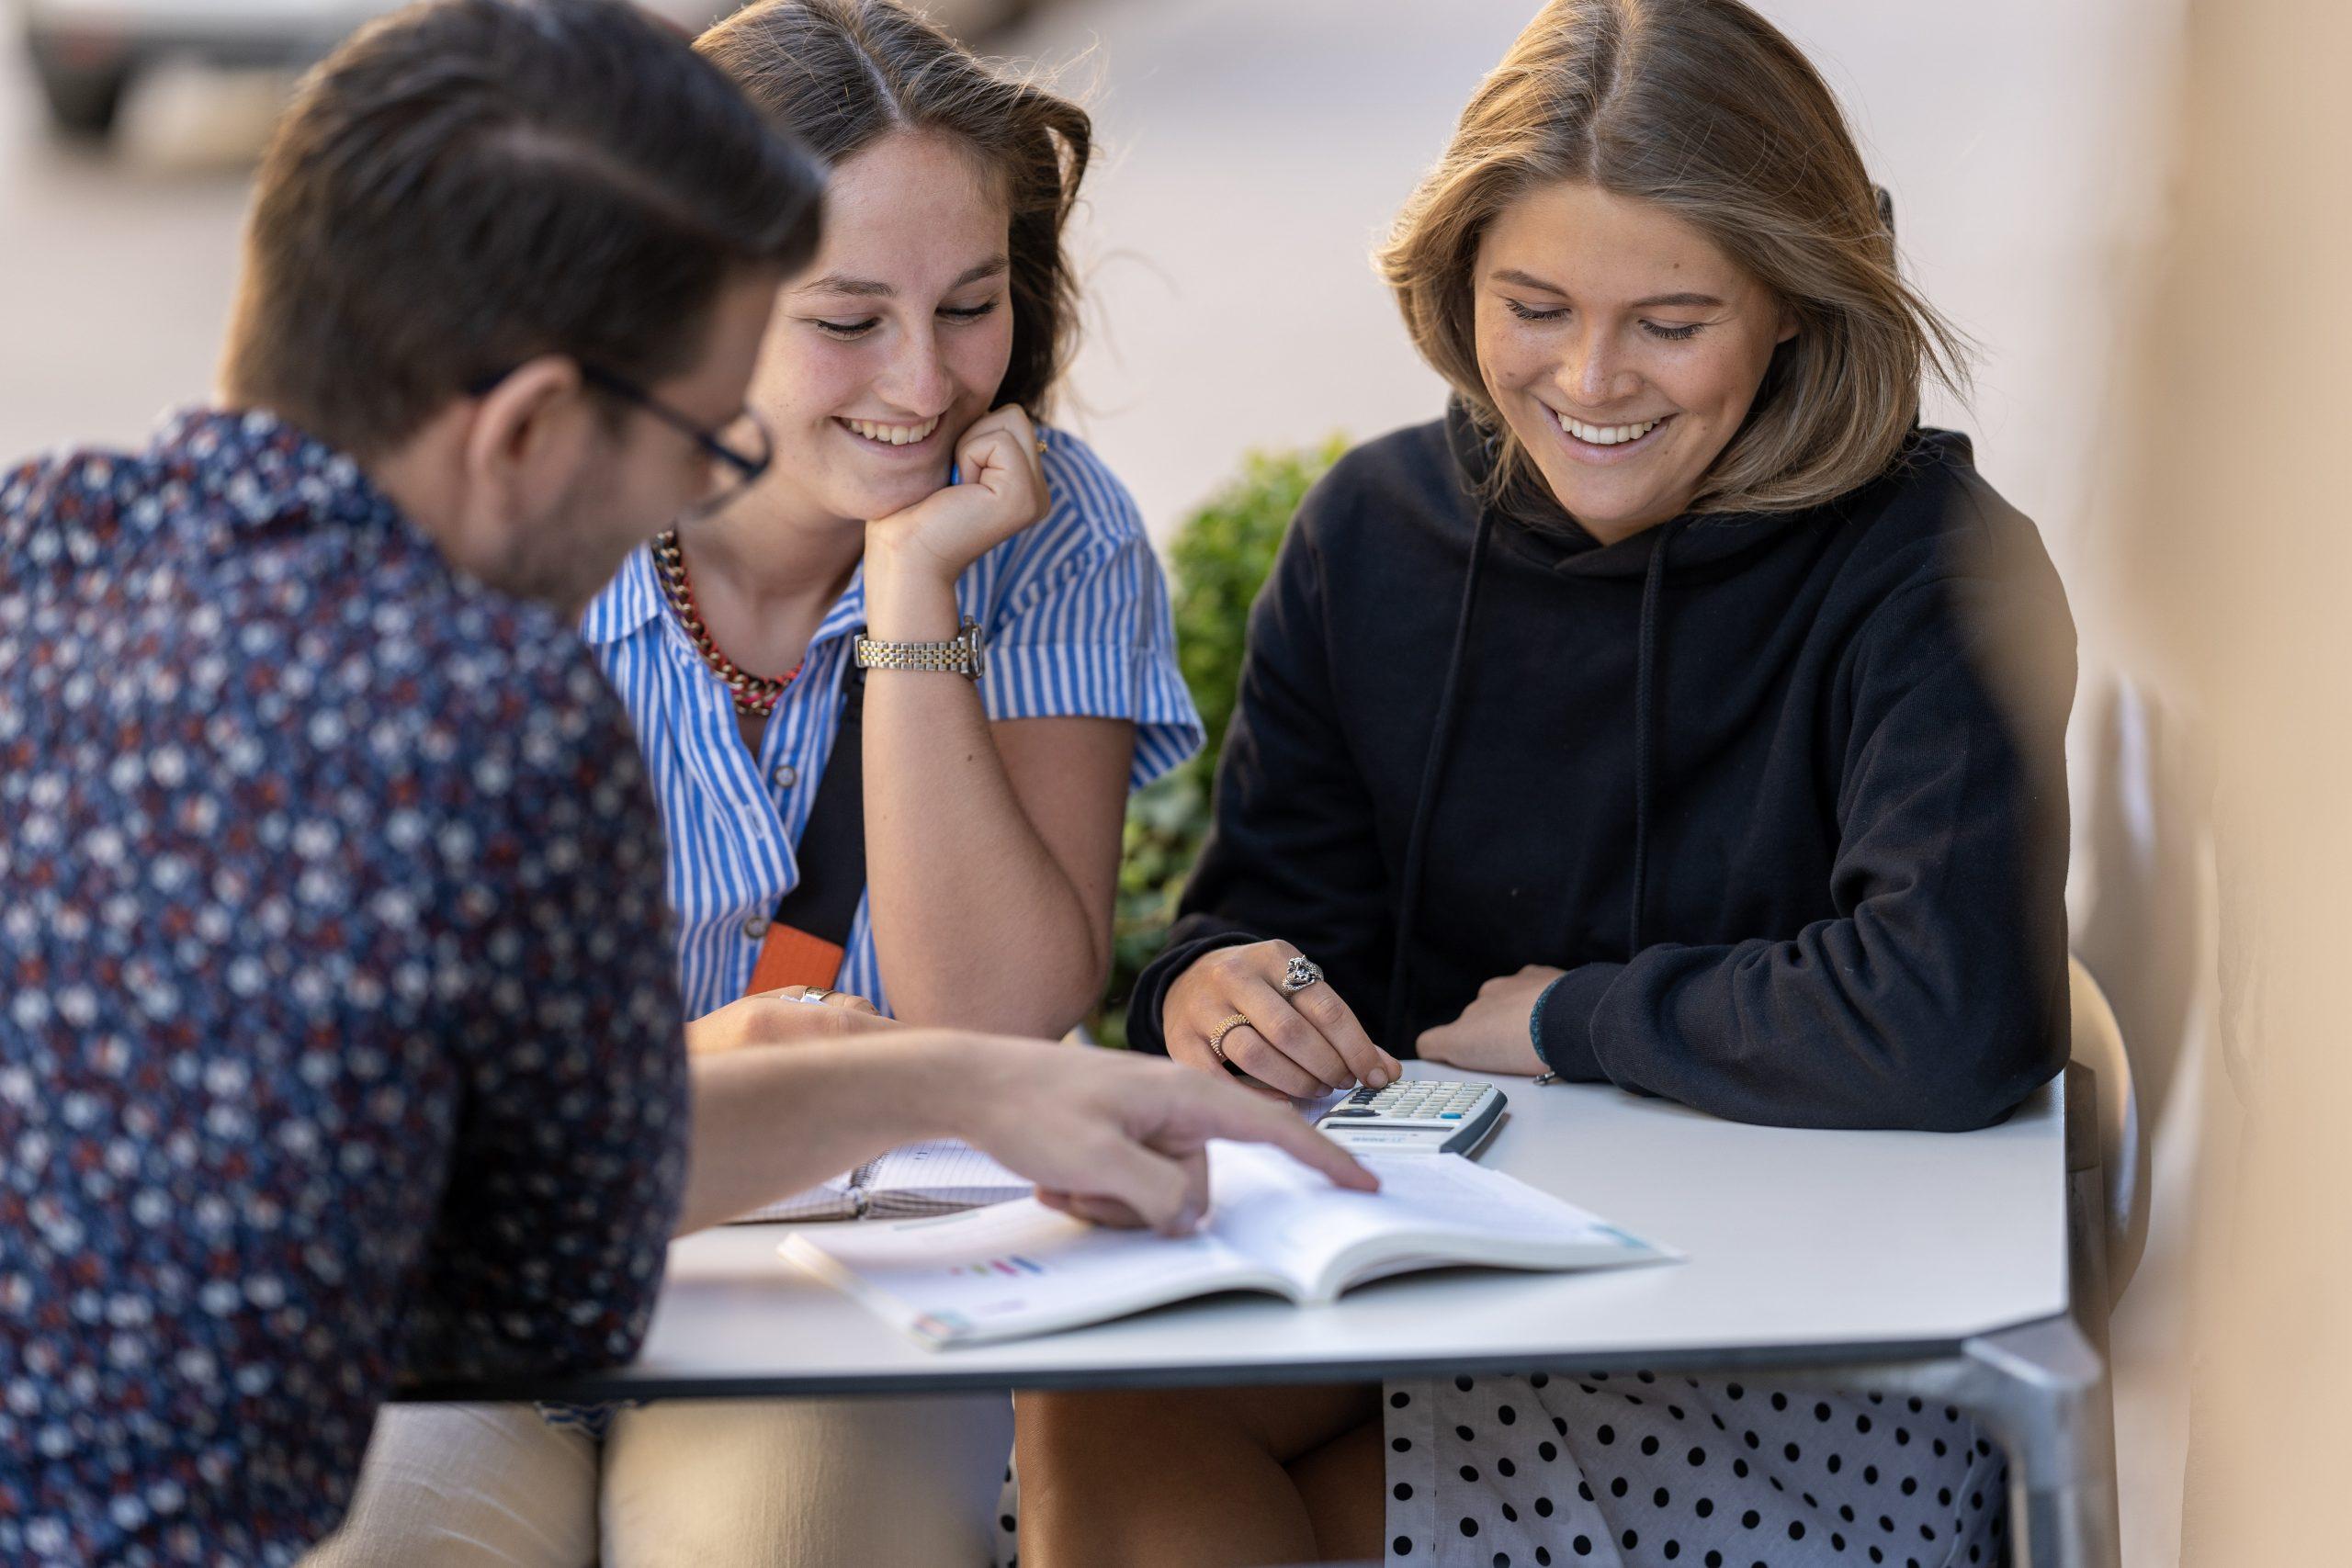 Läxhjälp online med studiecoach från ledande universitet